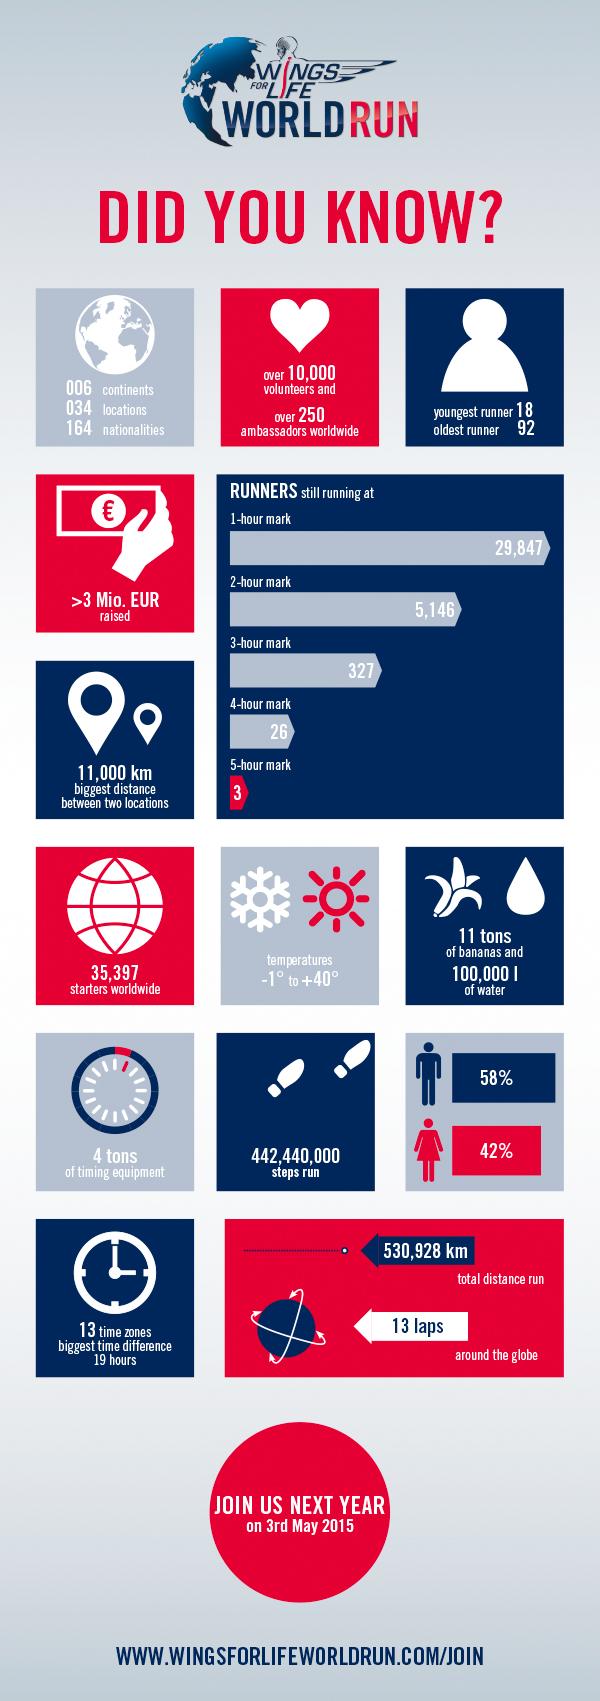 Wings For Life World Run 2014 Infografik